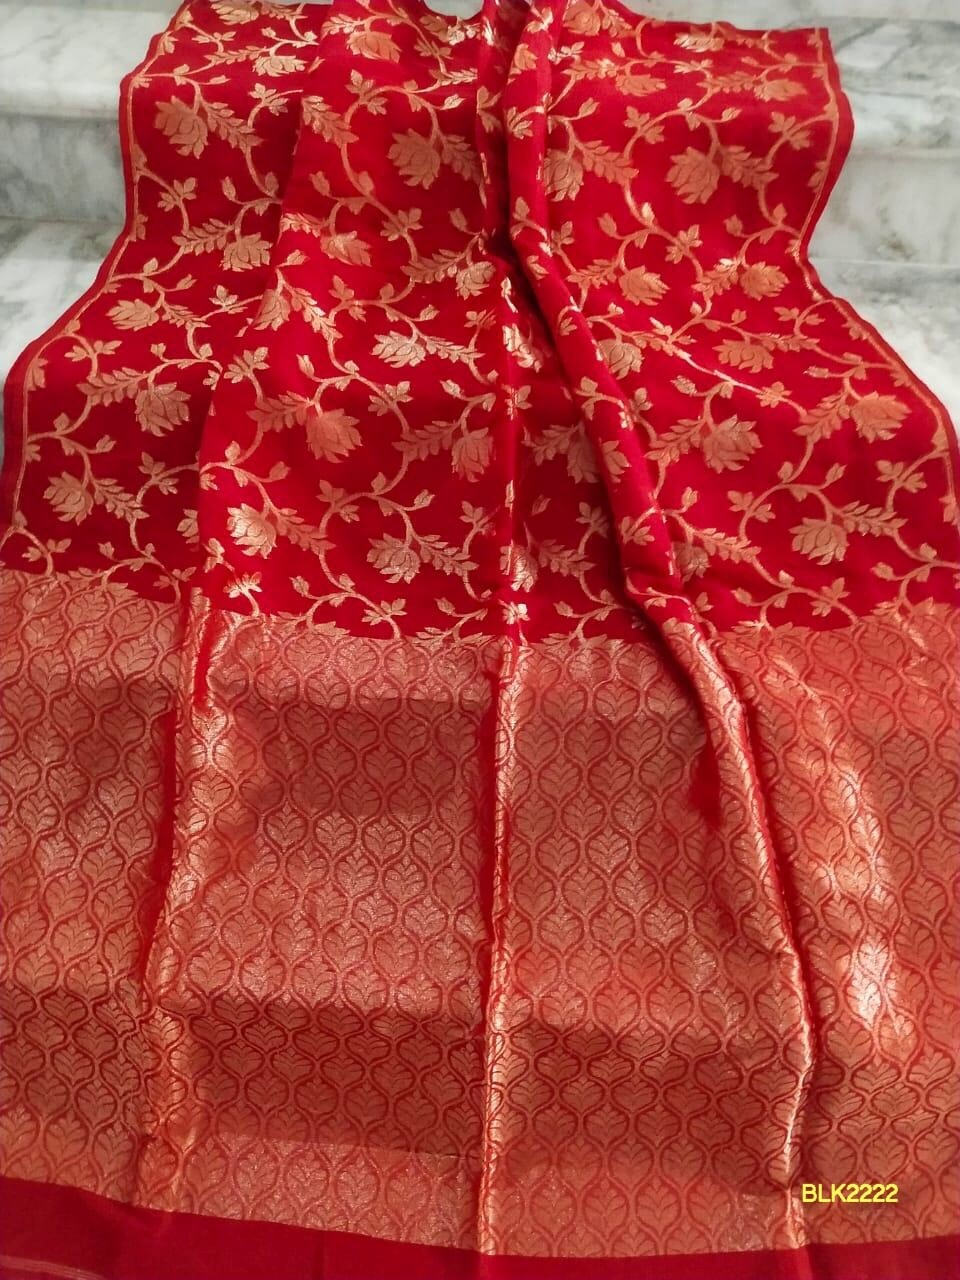 Banarasi Linen Khadi saree with all-over zari weaving